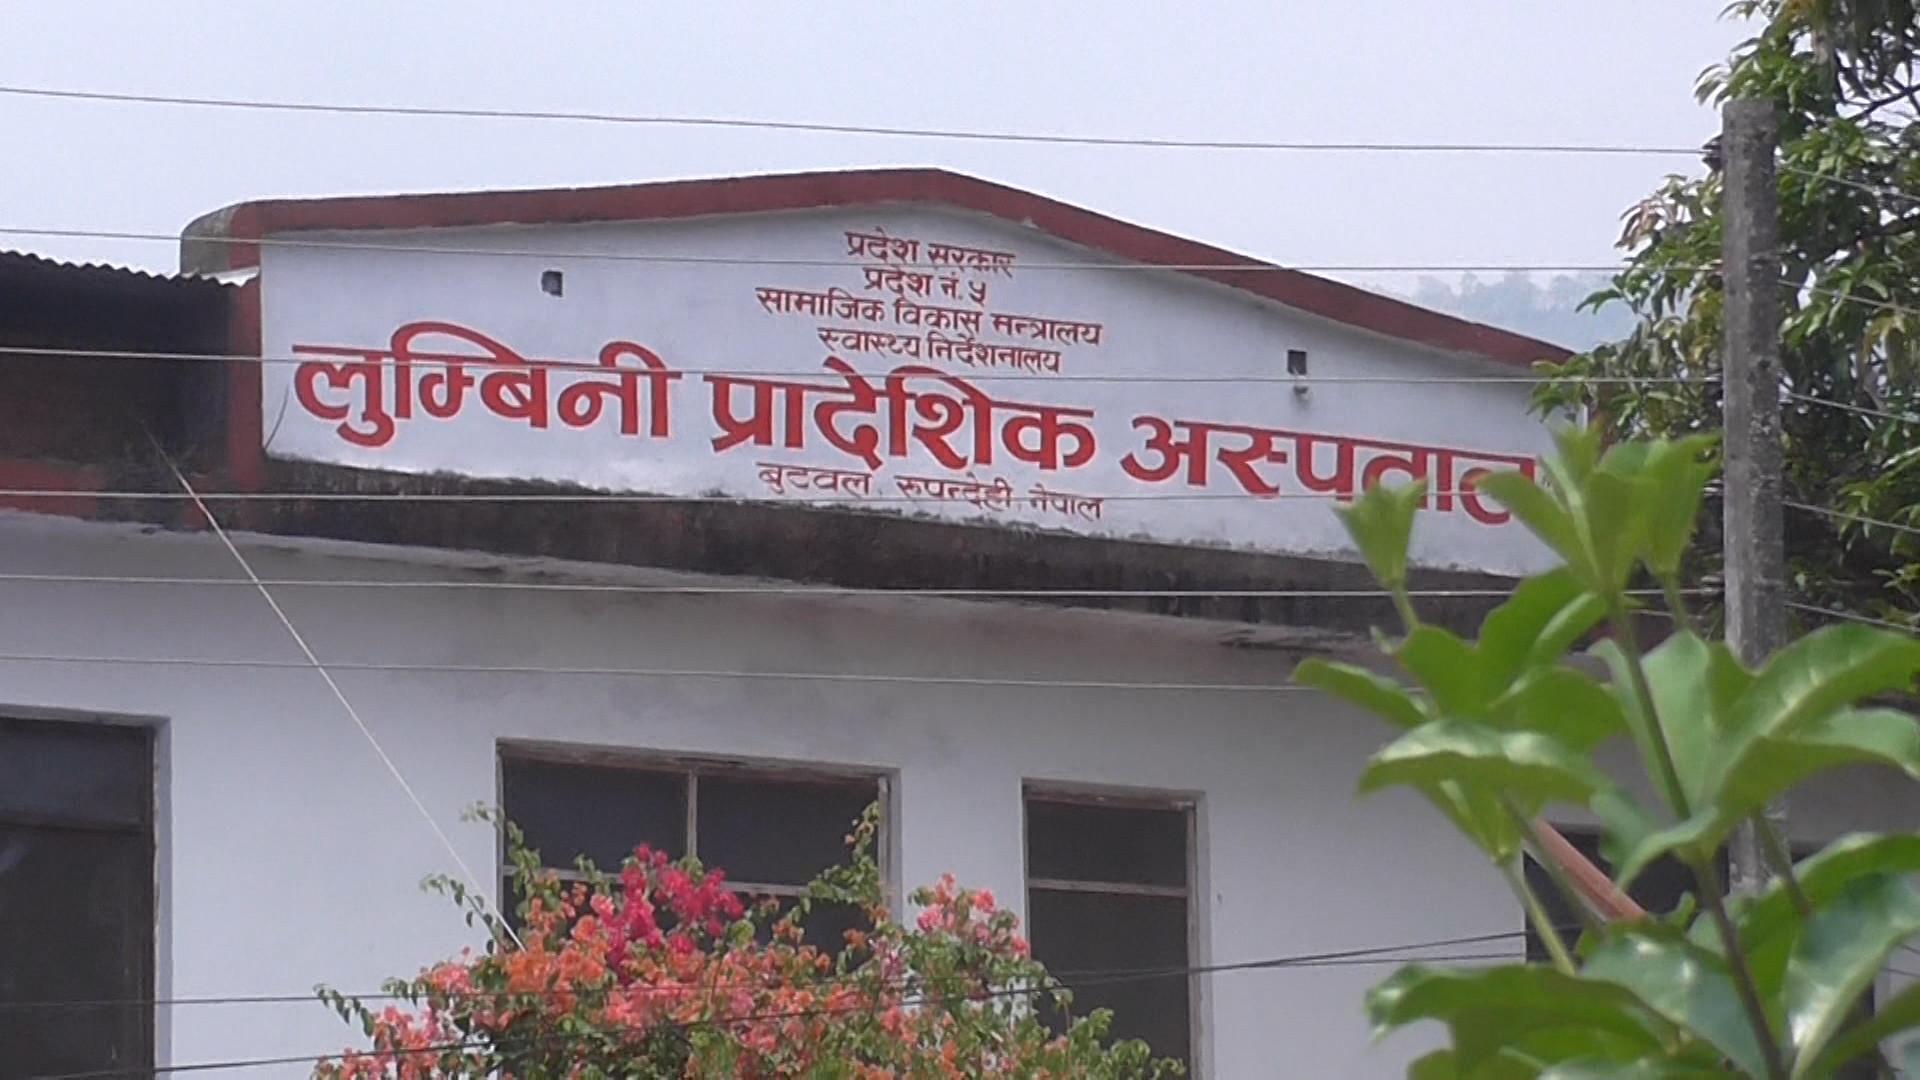 लुम्बिनी अस्पताललाई अत्याधुनिक बनाउने प्रदेश सरकारको तयारी